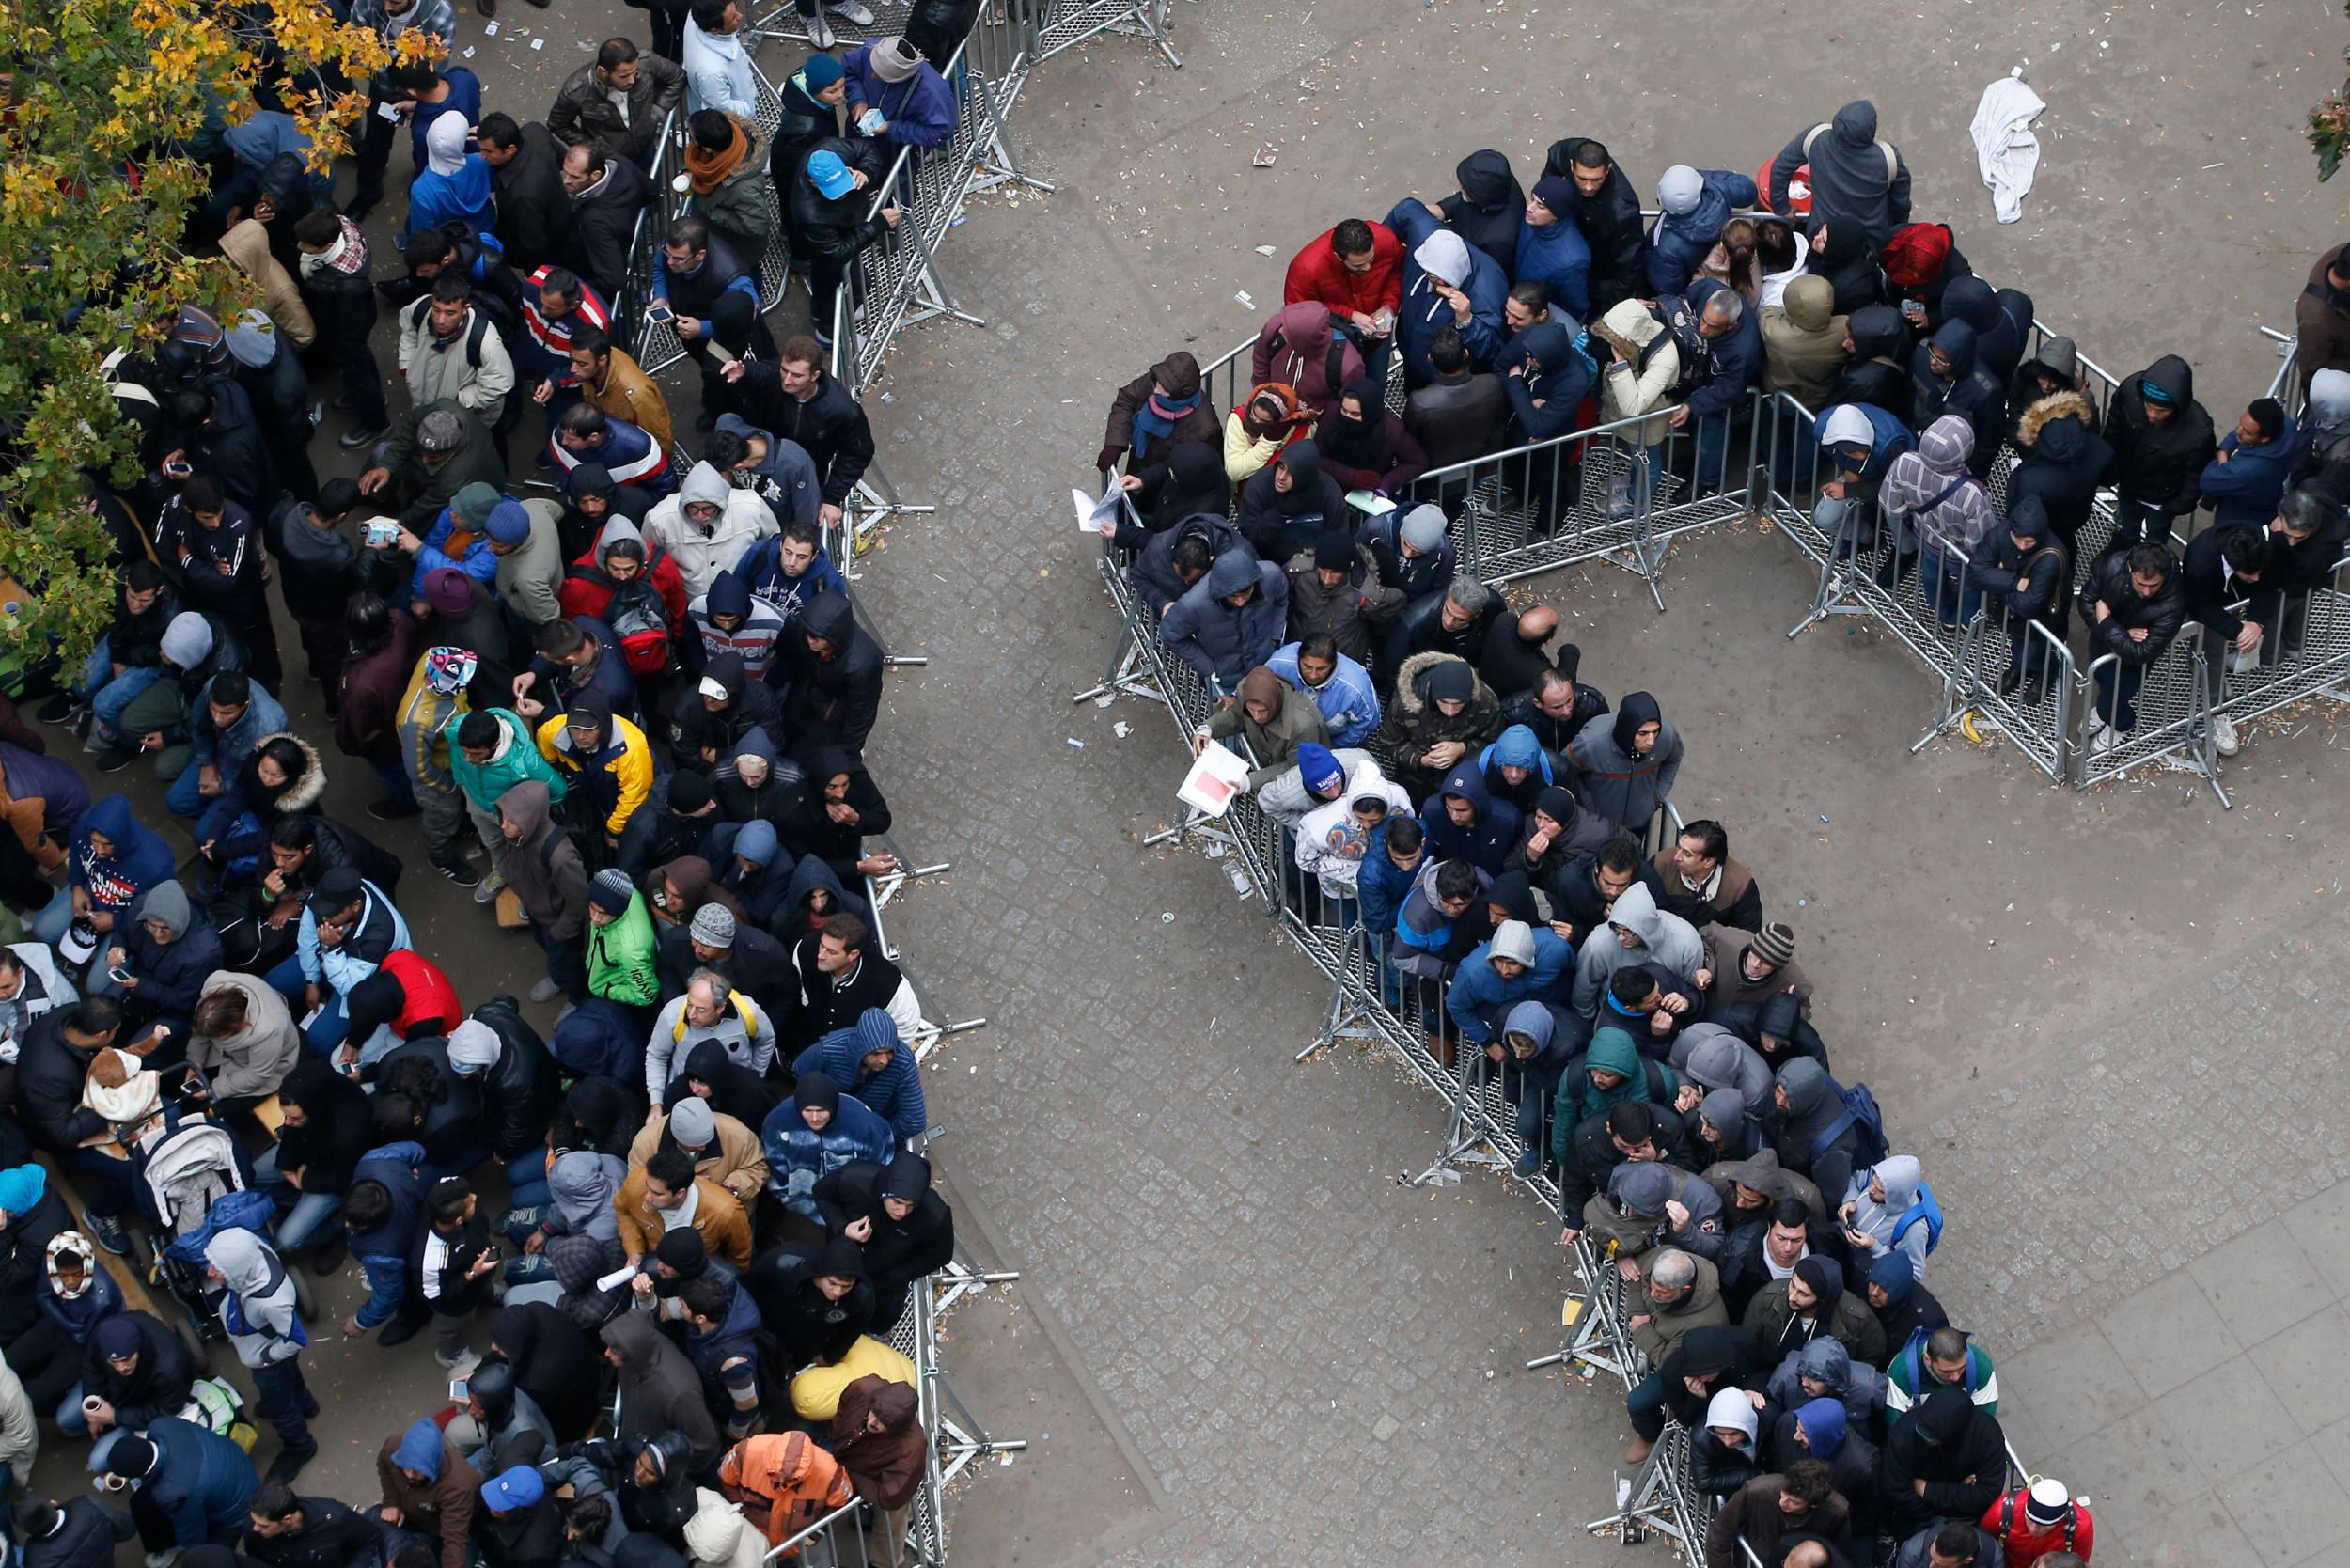 Мигранти чекају у реду за регистрацију испред Канцеларије за здравство и социјална питања у Берлину, 07. октобар 2015. (Фото: REUTERS/Fabrizio Bensch)